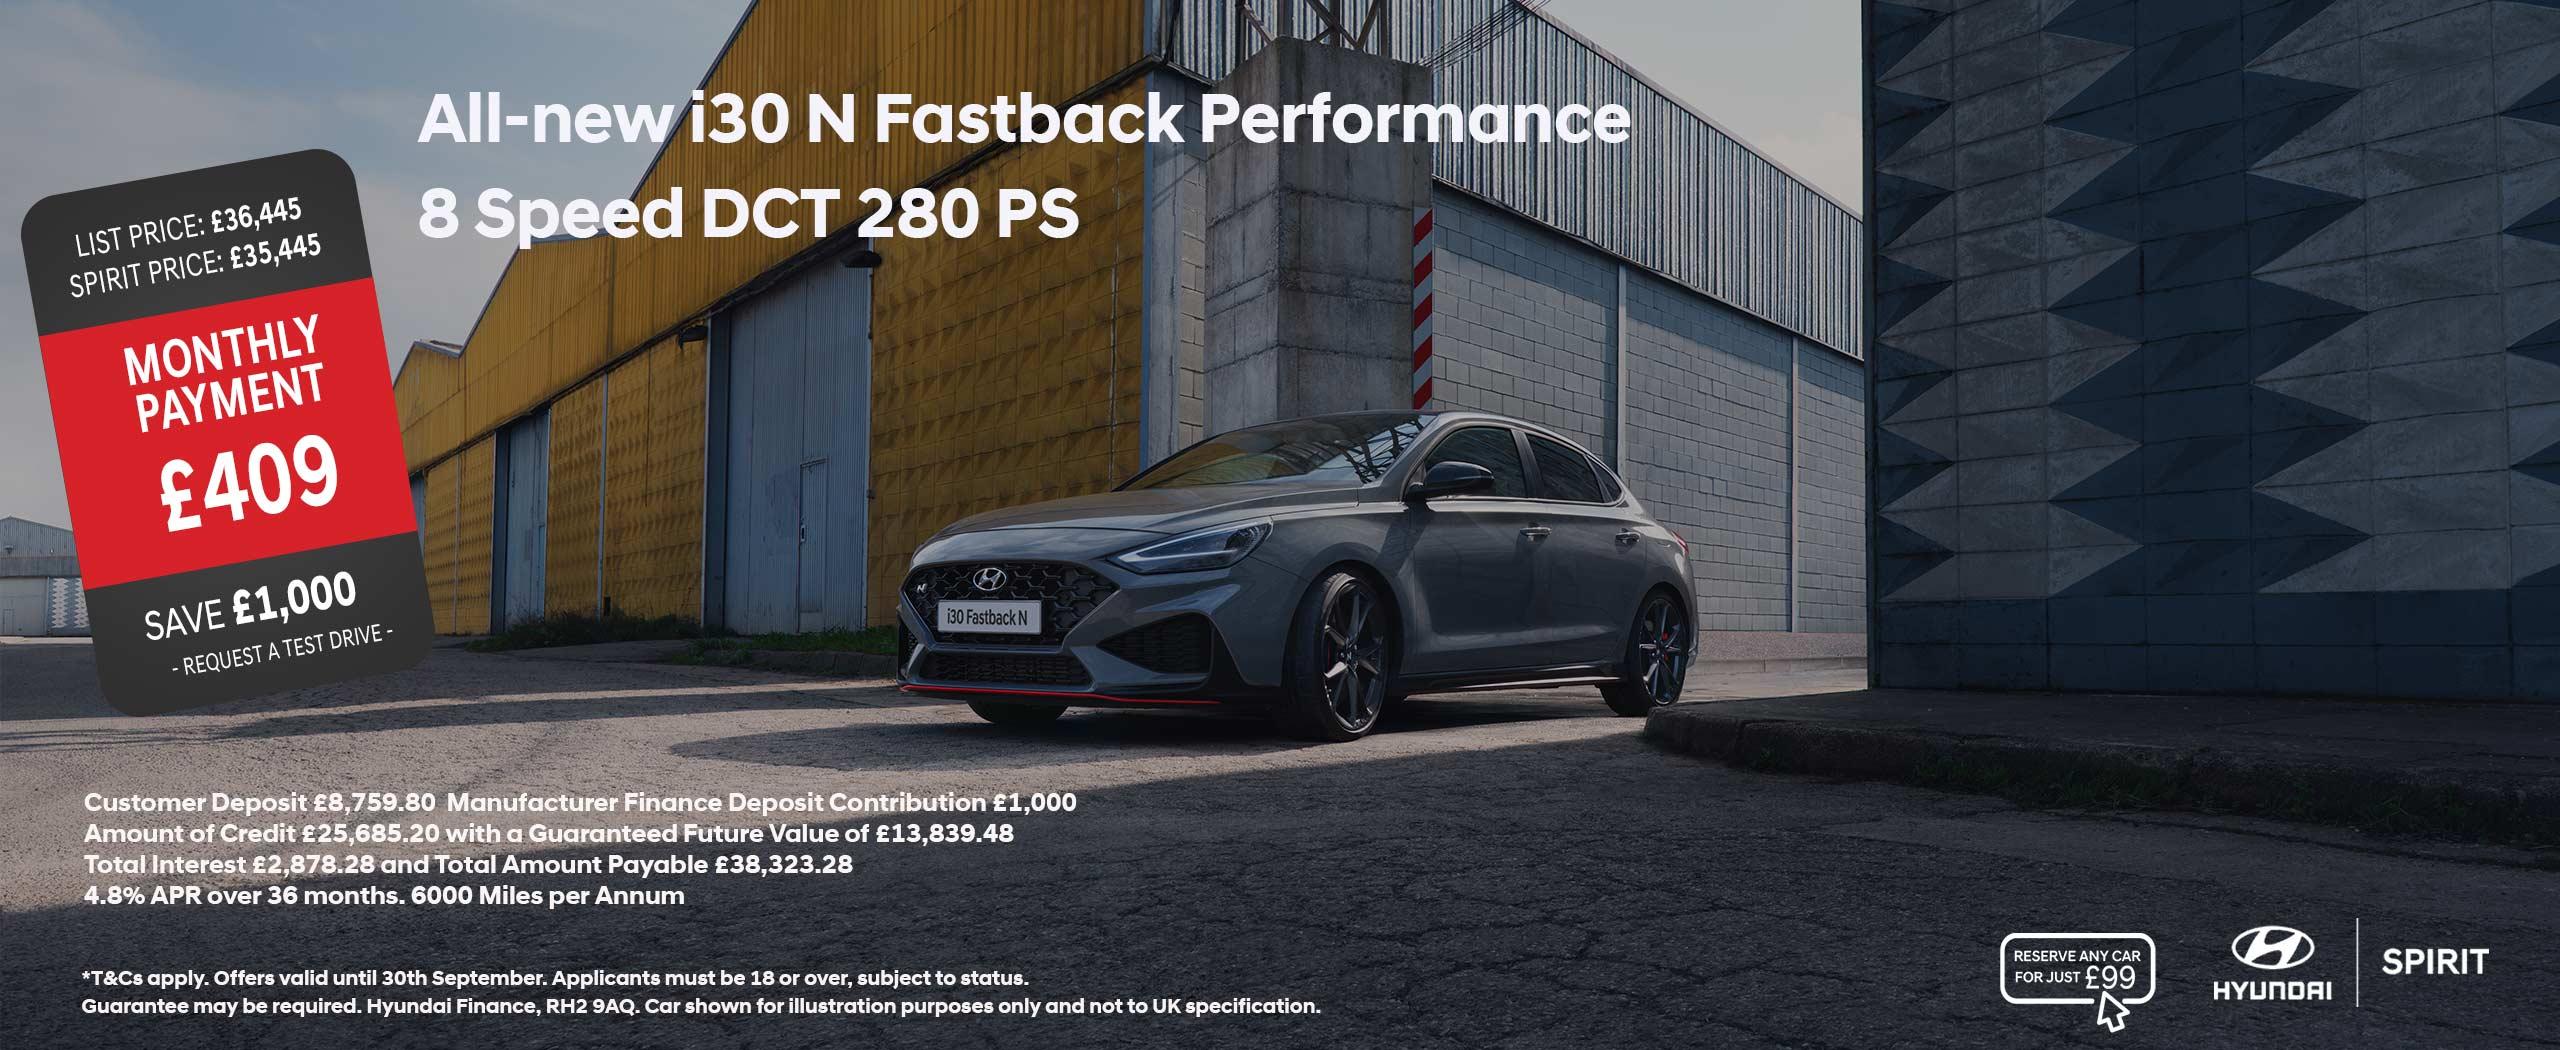 All-new i30 N Fastback